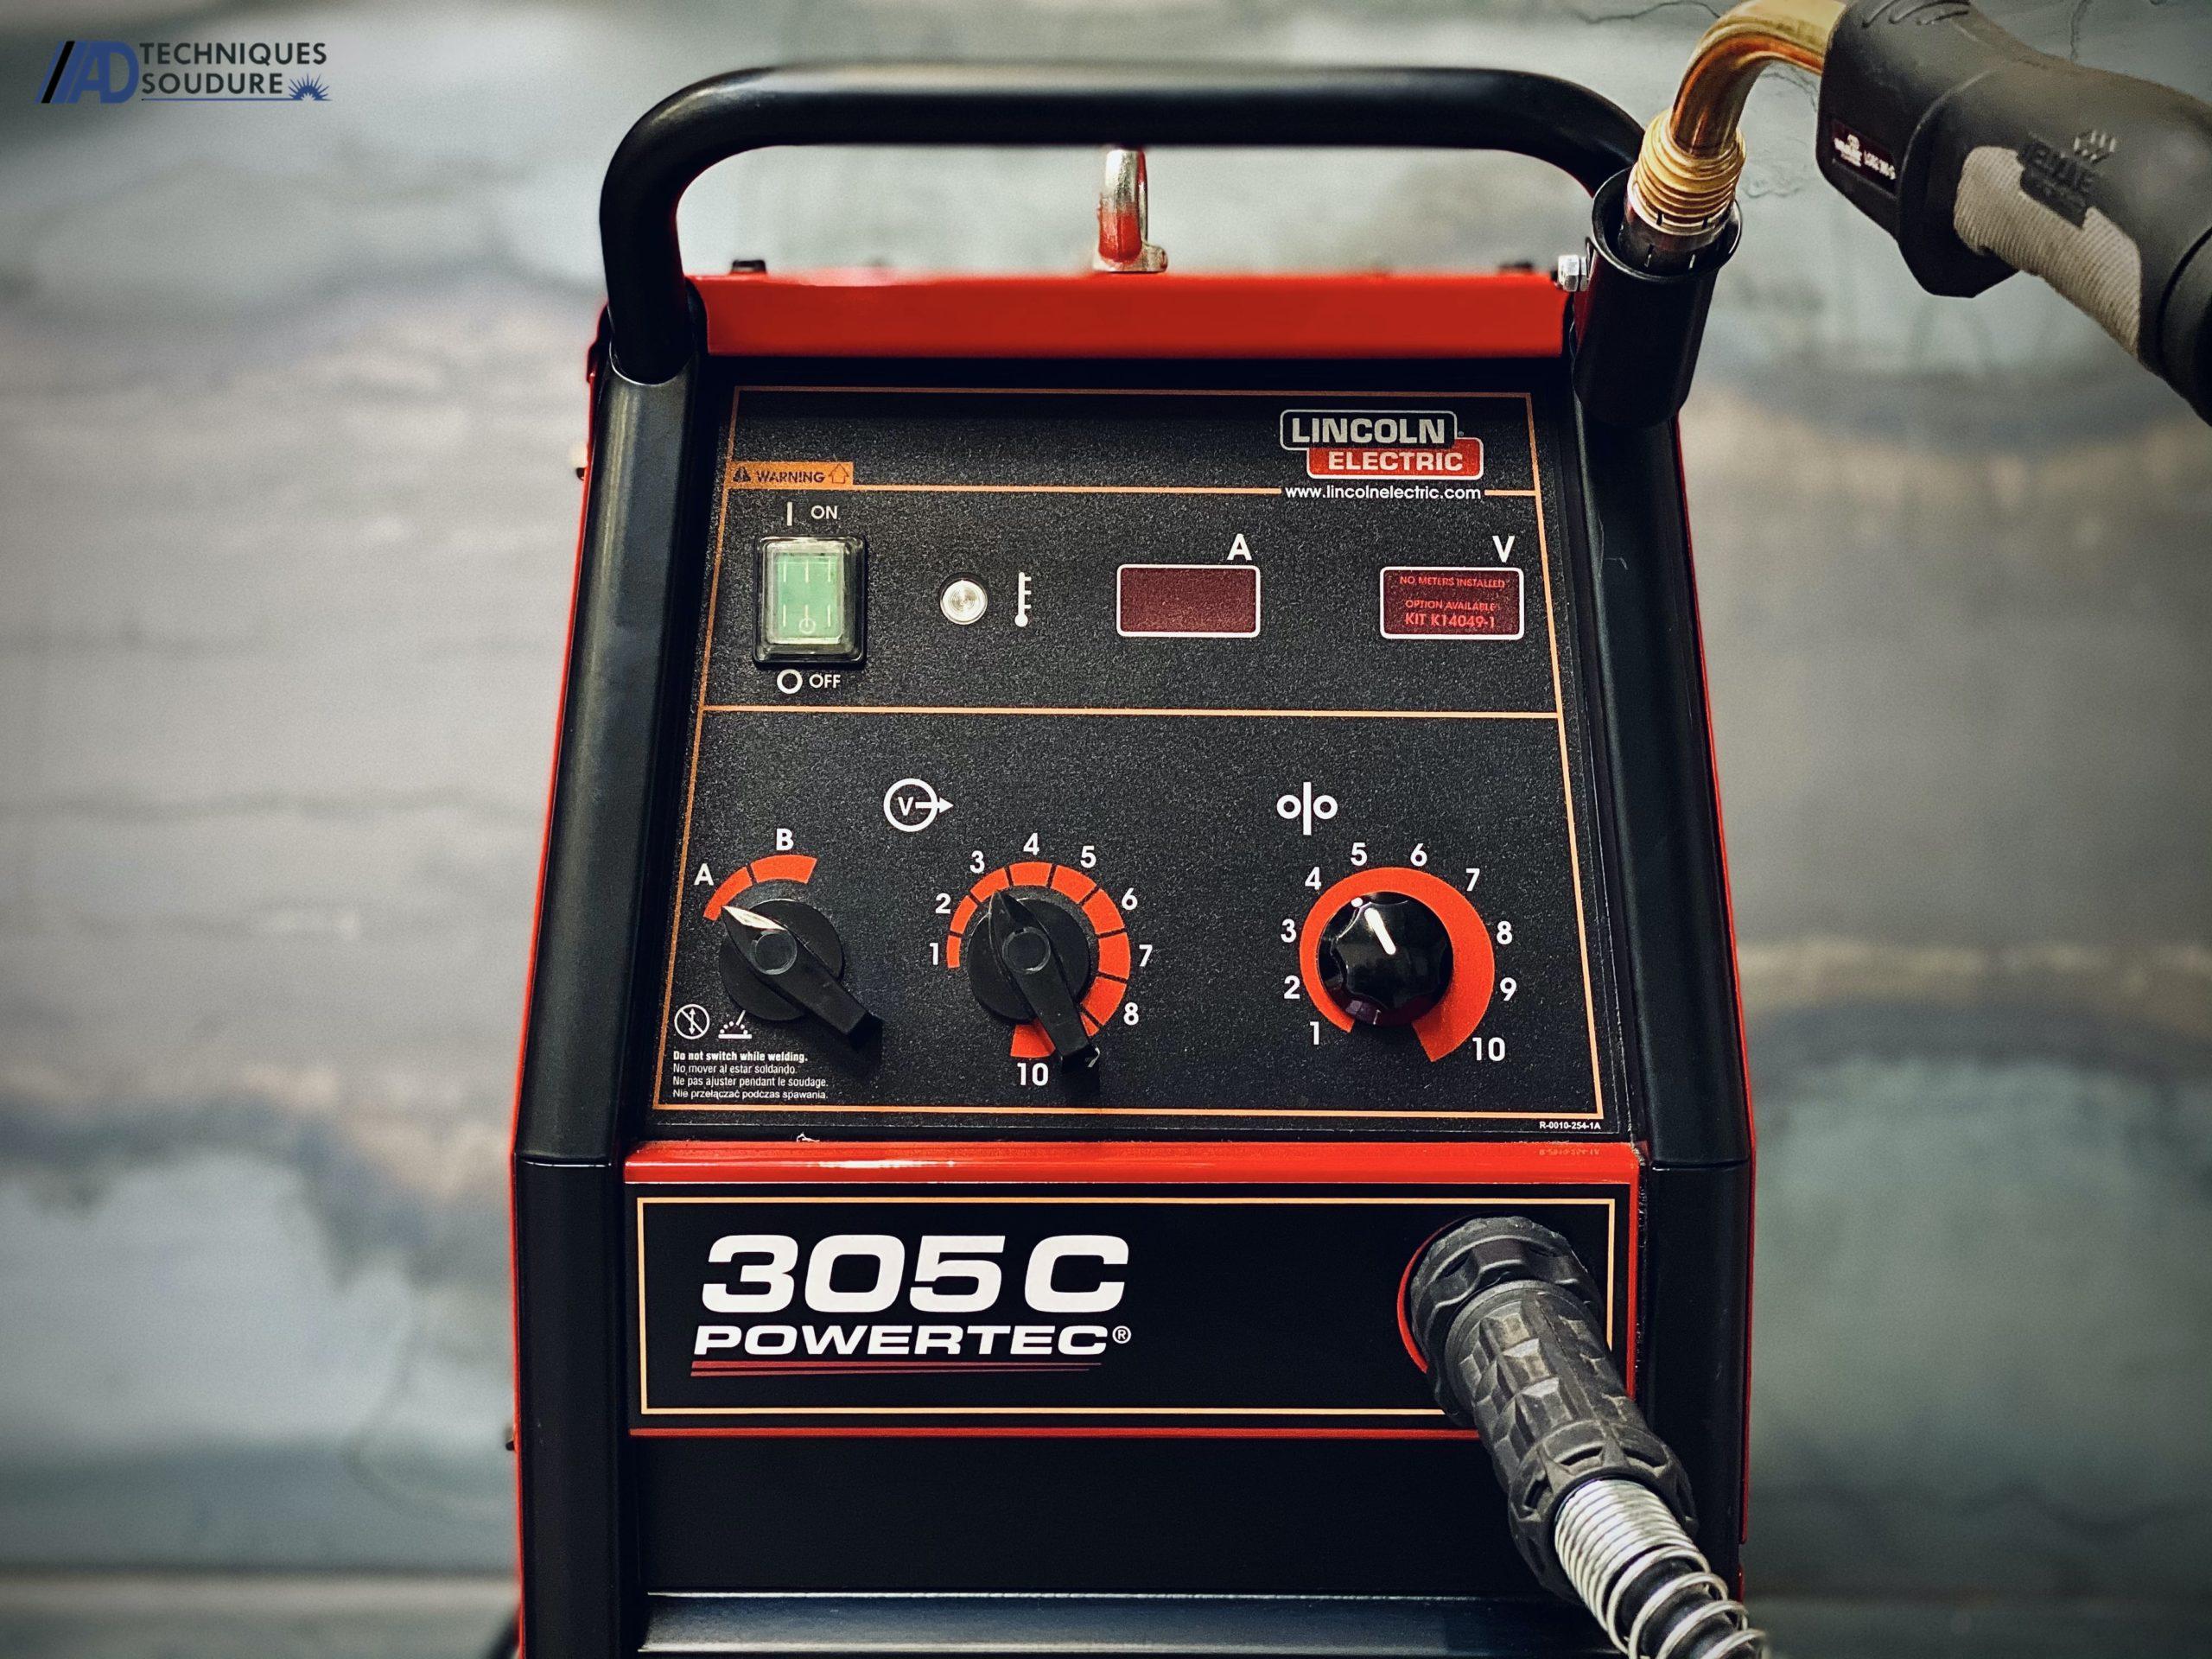 Poste à souder MIG/MAG Powertec 305C Lincoln Electric monophasé